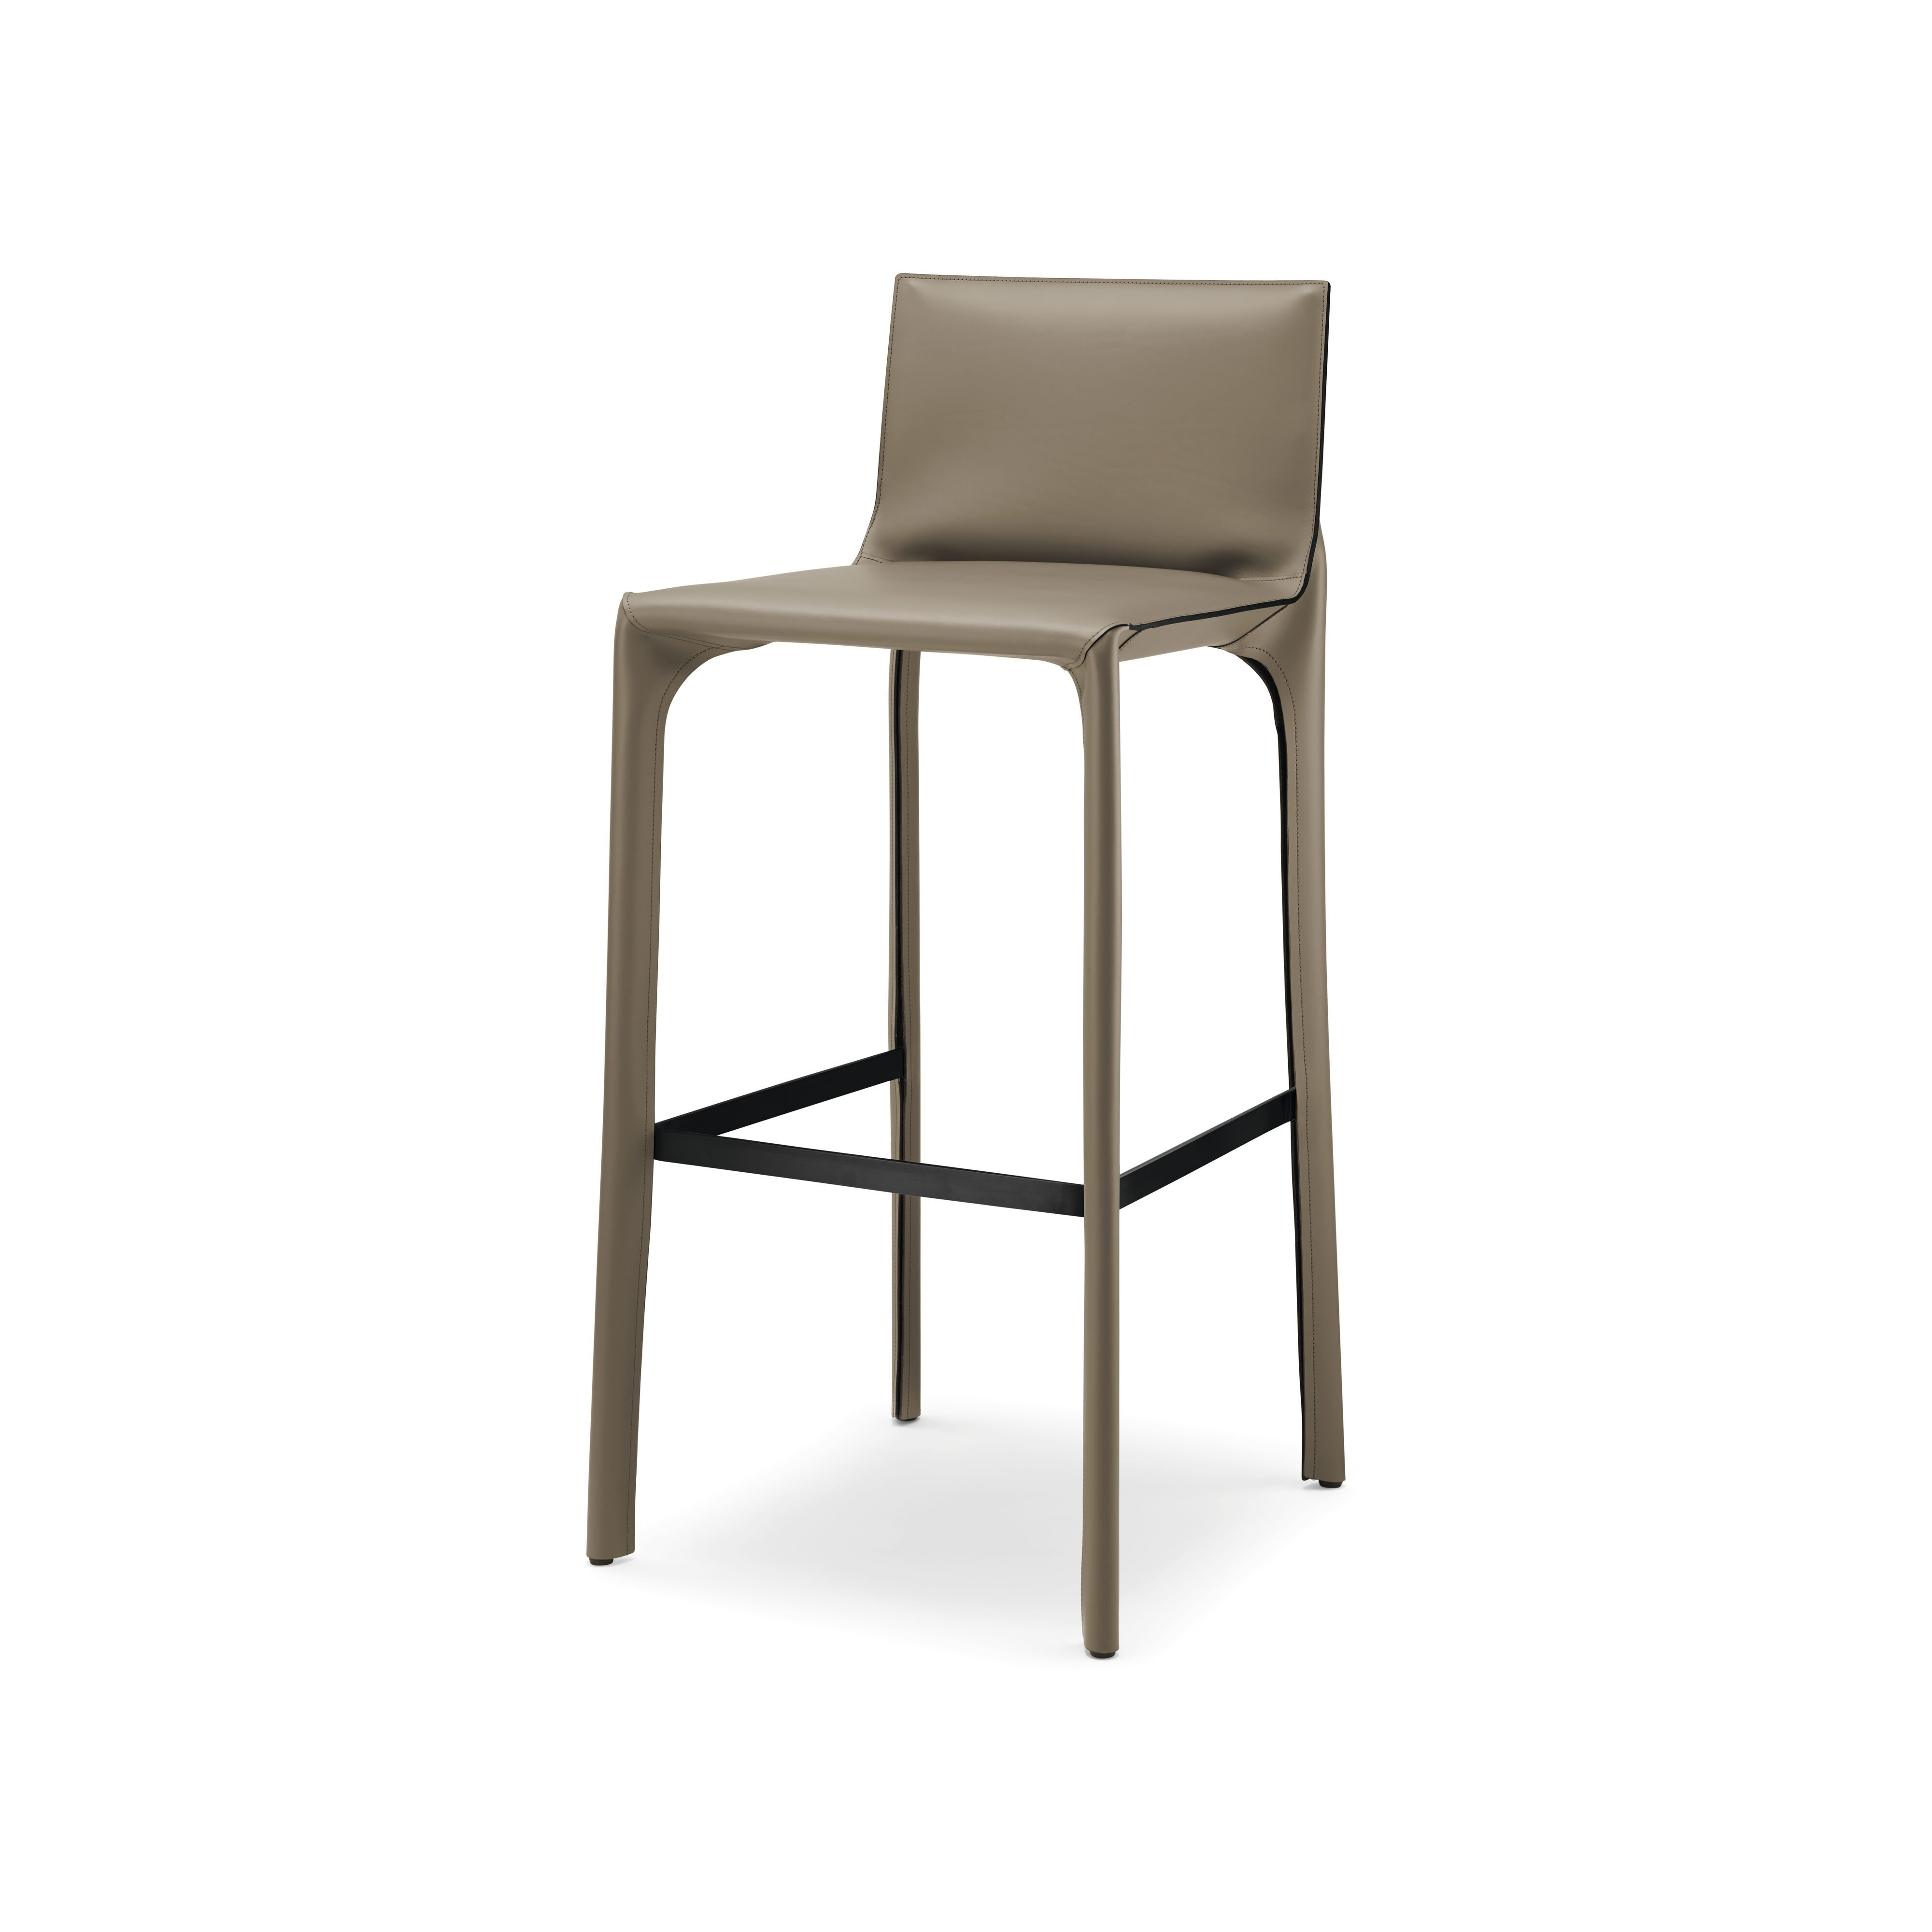 01-WK-Saddle-Chair_Barhocker-0001-H.tif